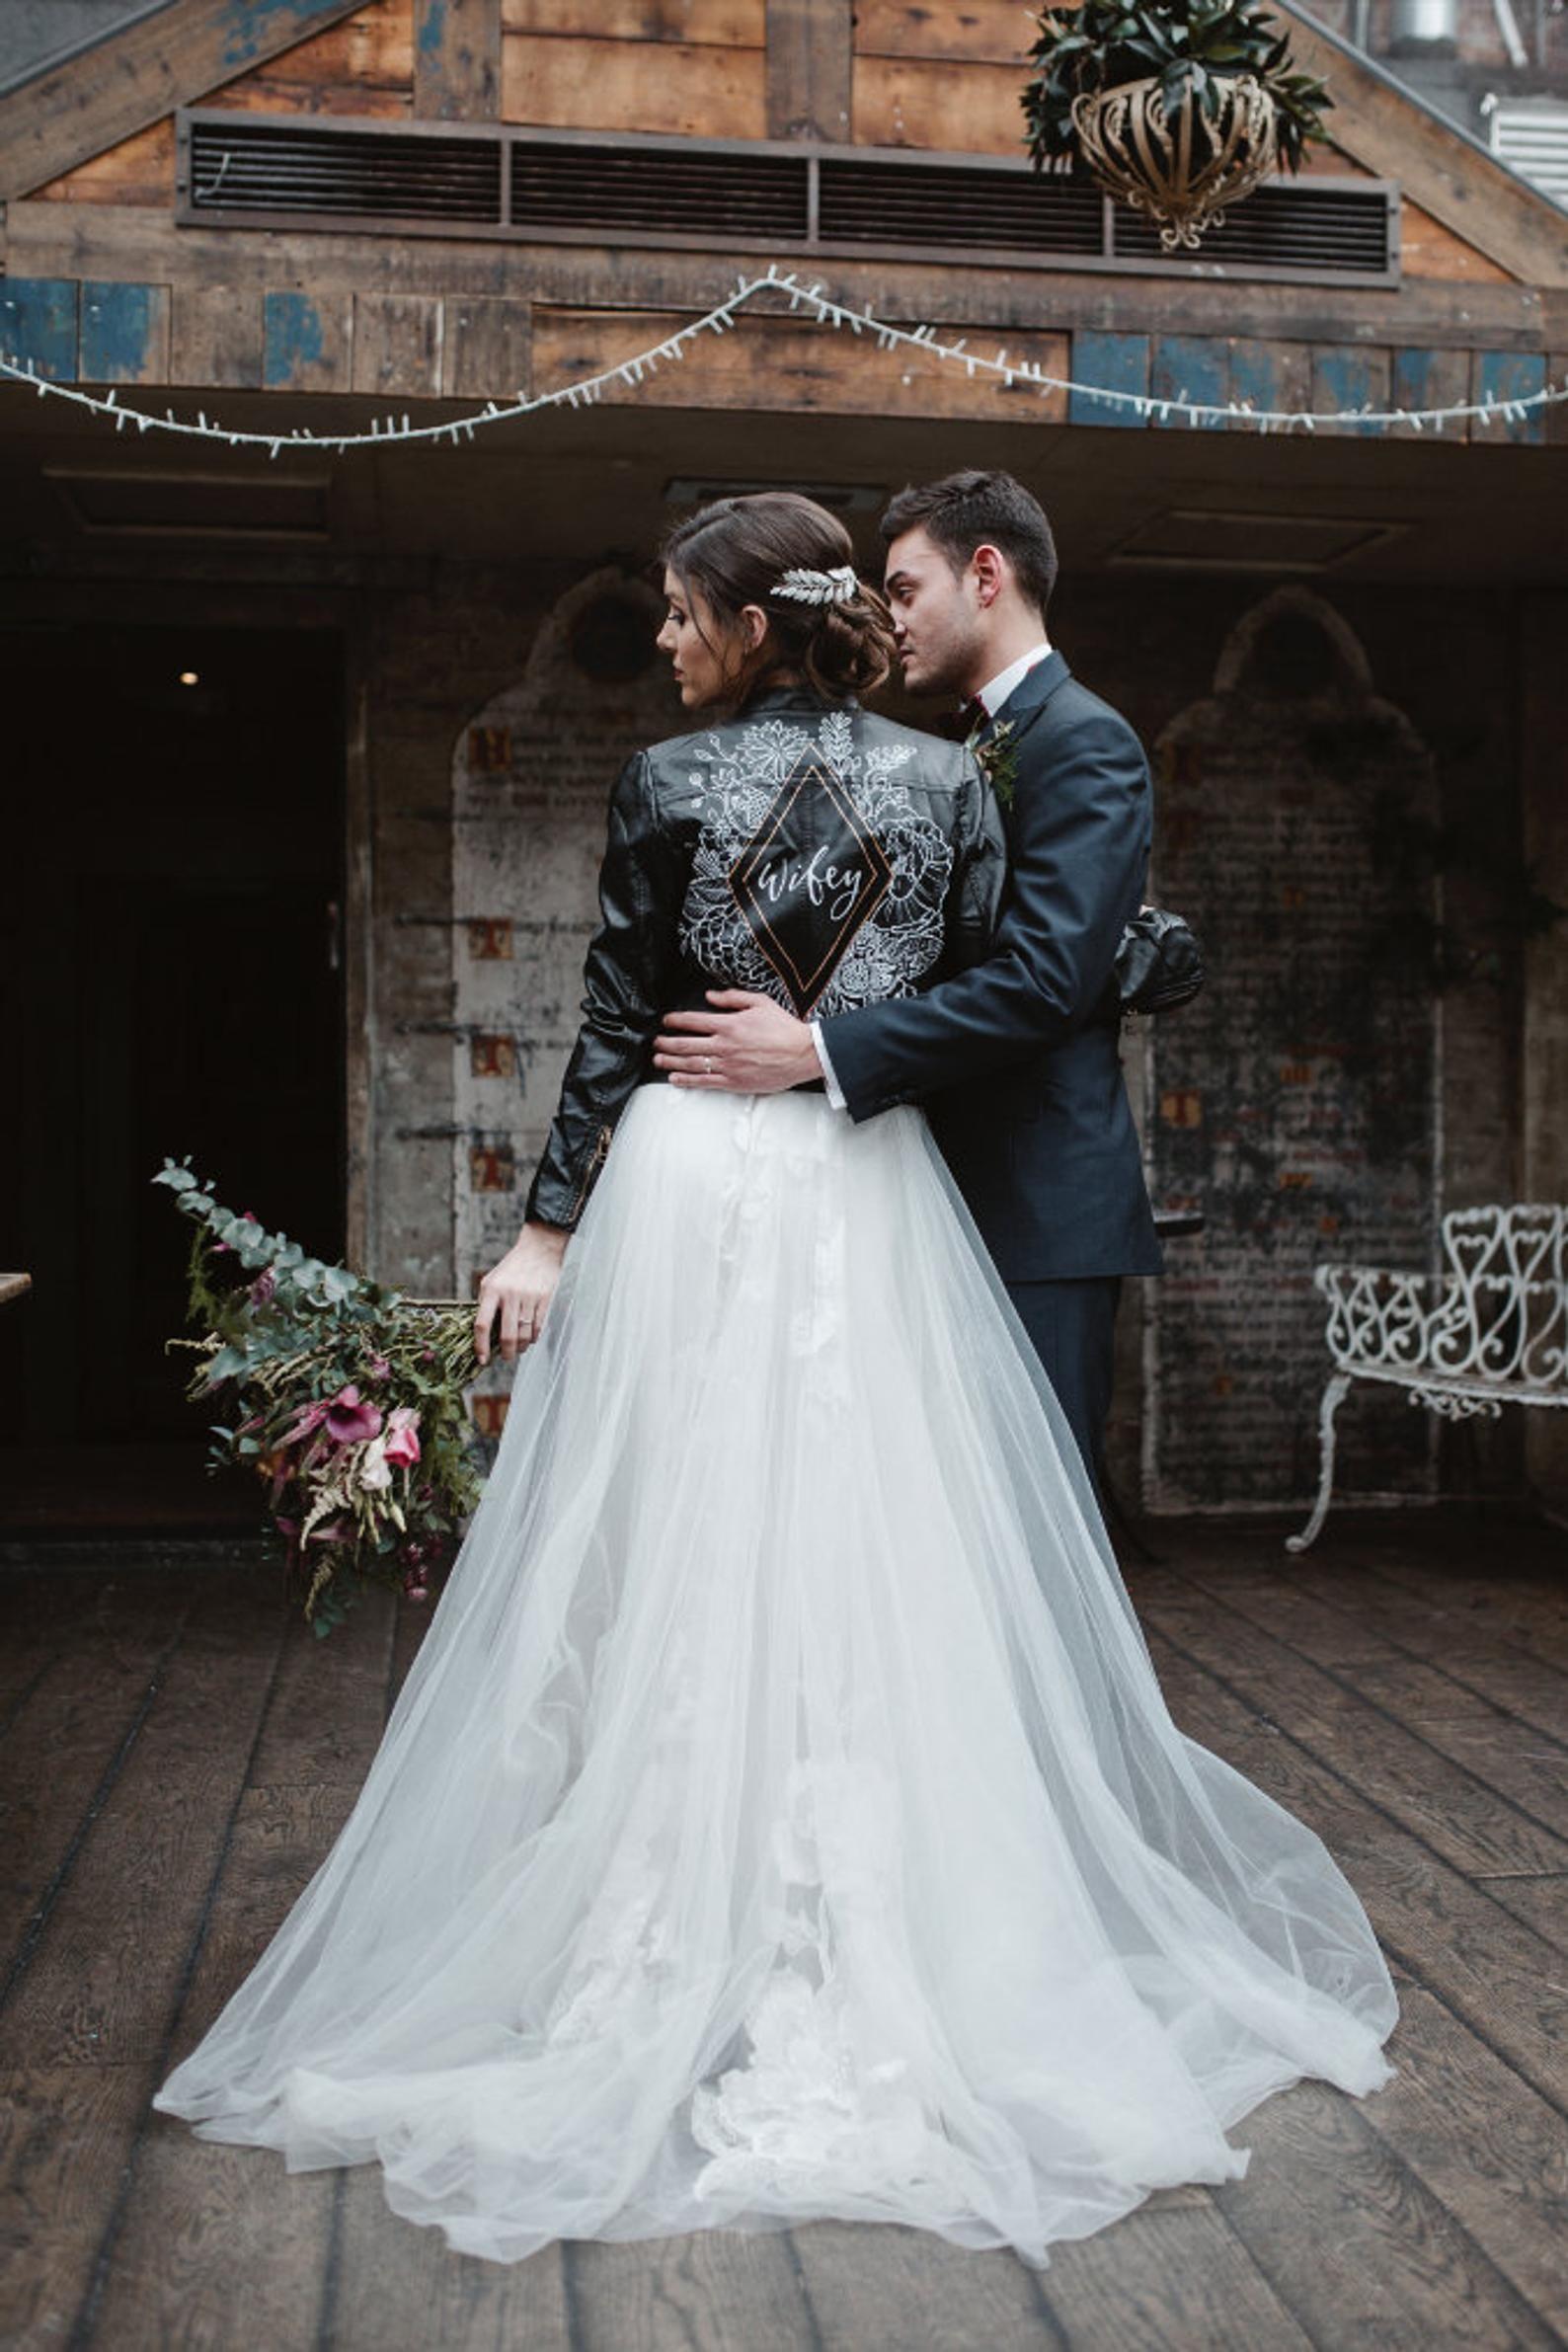 Custom Bridal Leather Jacket Personalised Luxury Gift Box Etsy Edgy Bridal Leather Wedding Colored Wedding Dress [ 2382 x 1588 Pixel ]